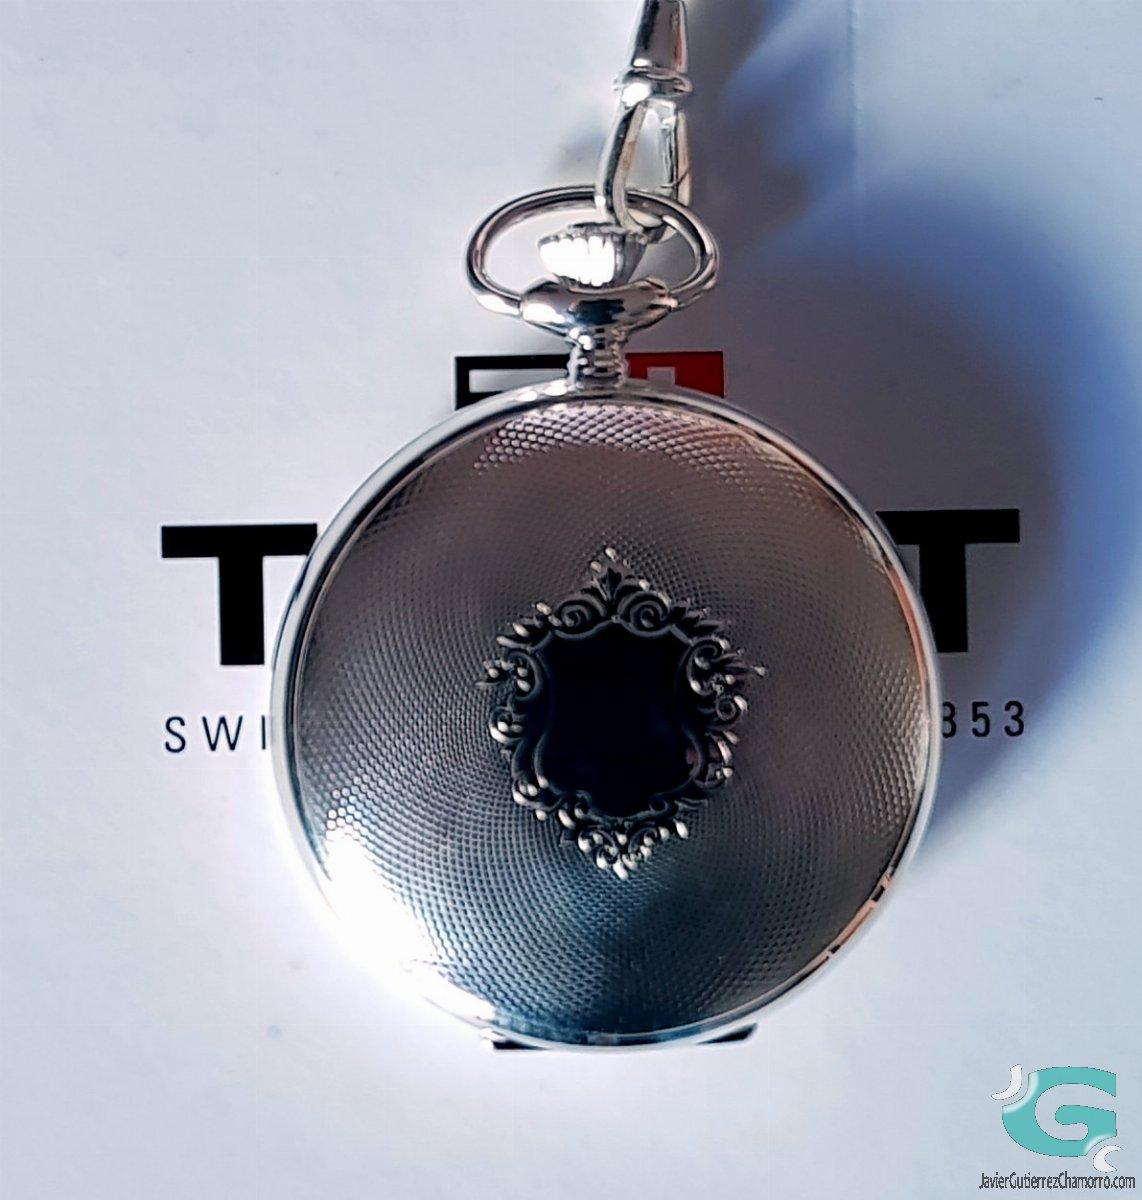 Tissot Savonnette Mechanical